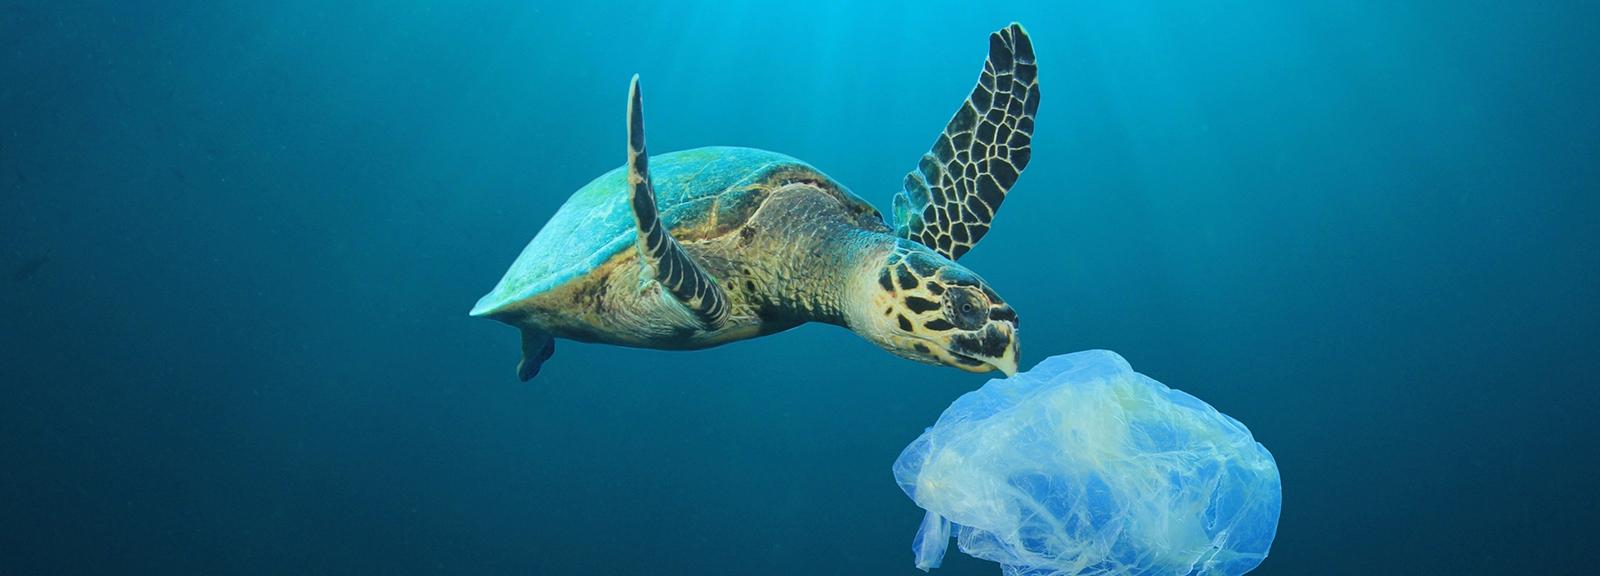 Pollution plastique dans l'océan © Rich Carey